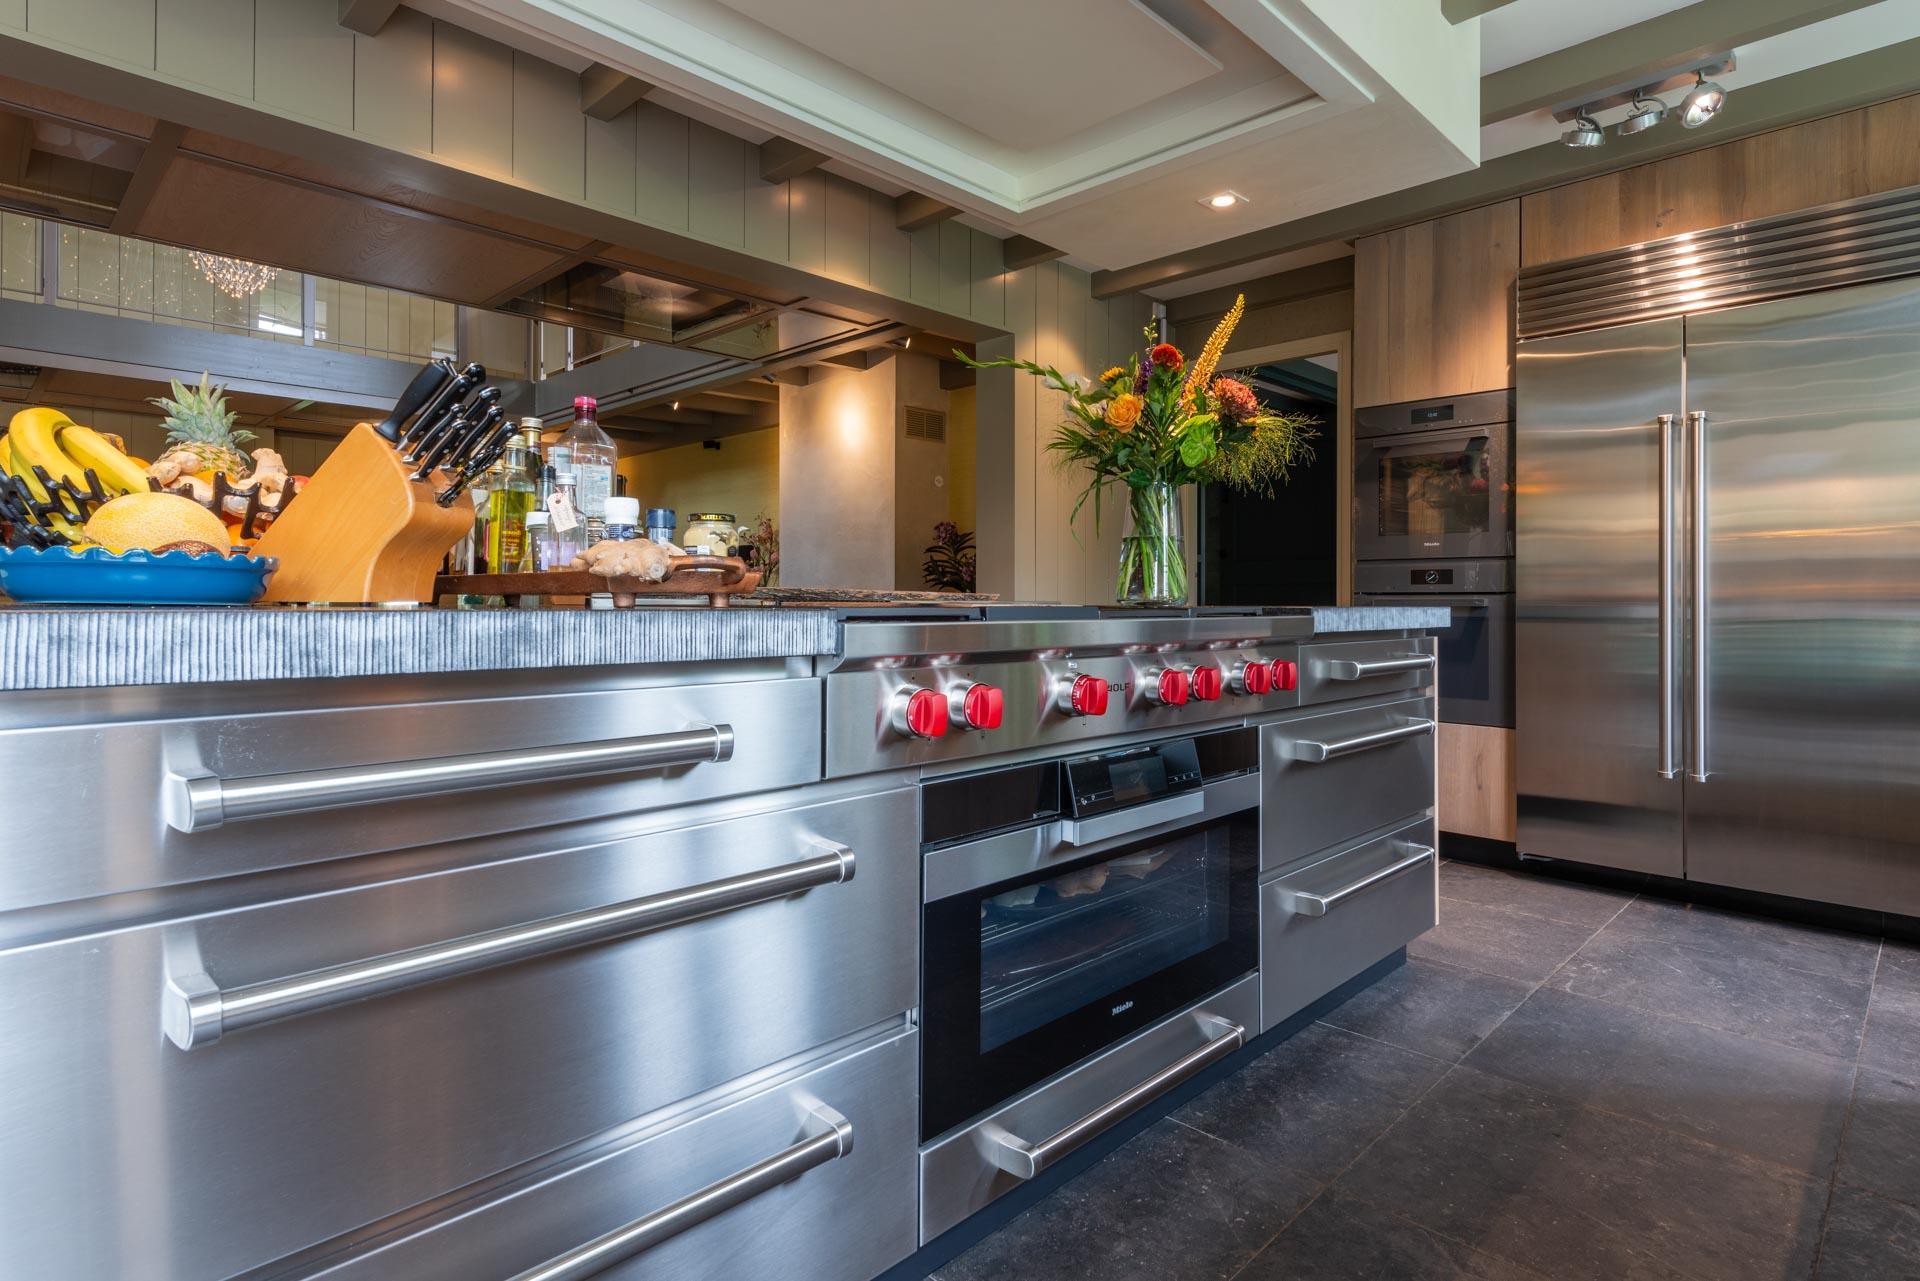 Luxe en landelijke keuken met apparatuur van Subzero-Wolf